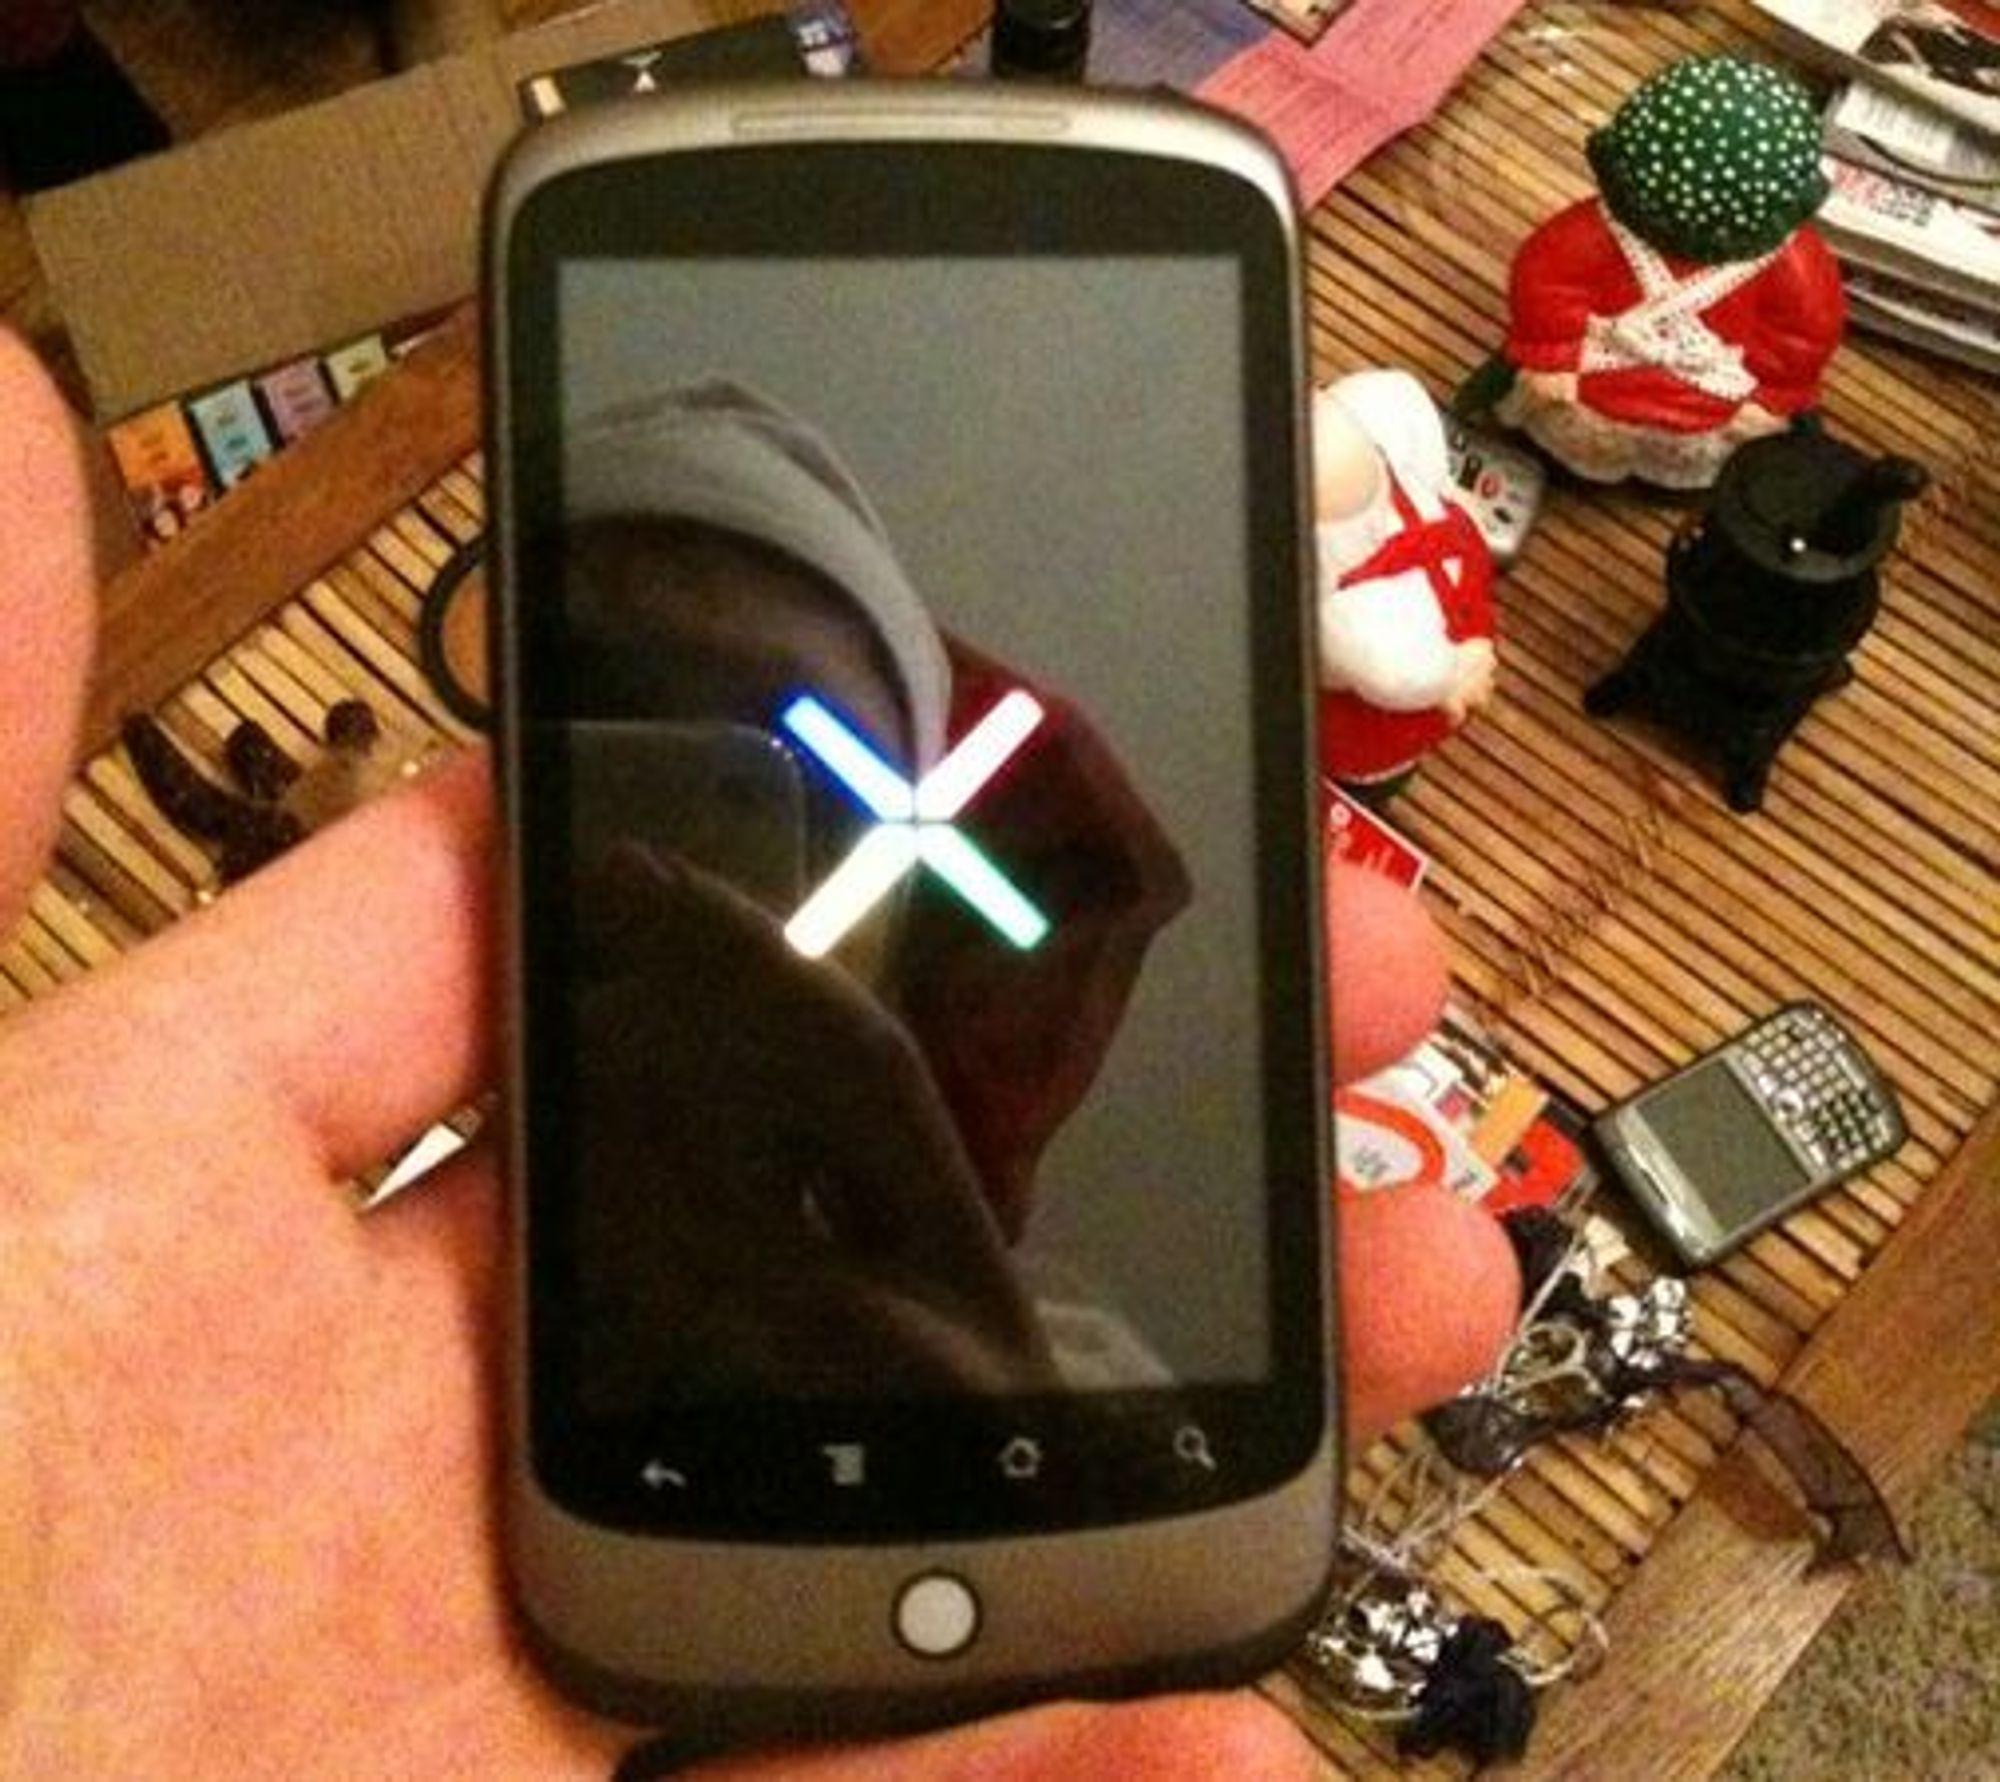 Uoffisielt bilde av Google Nexus One